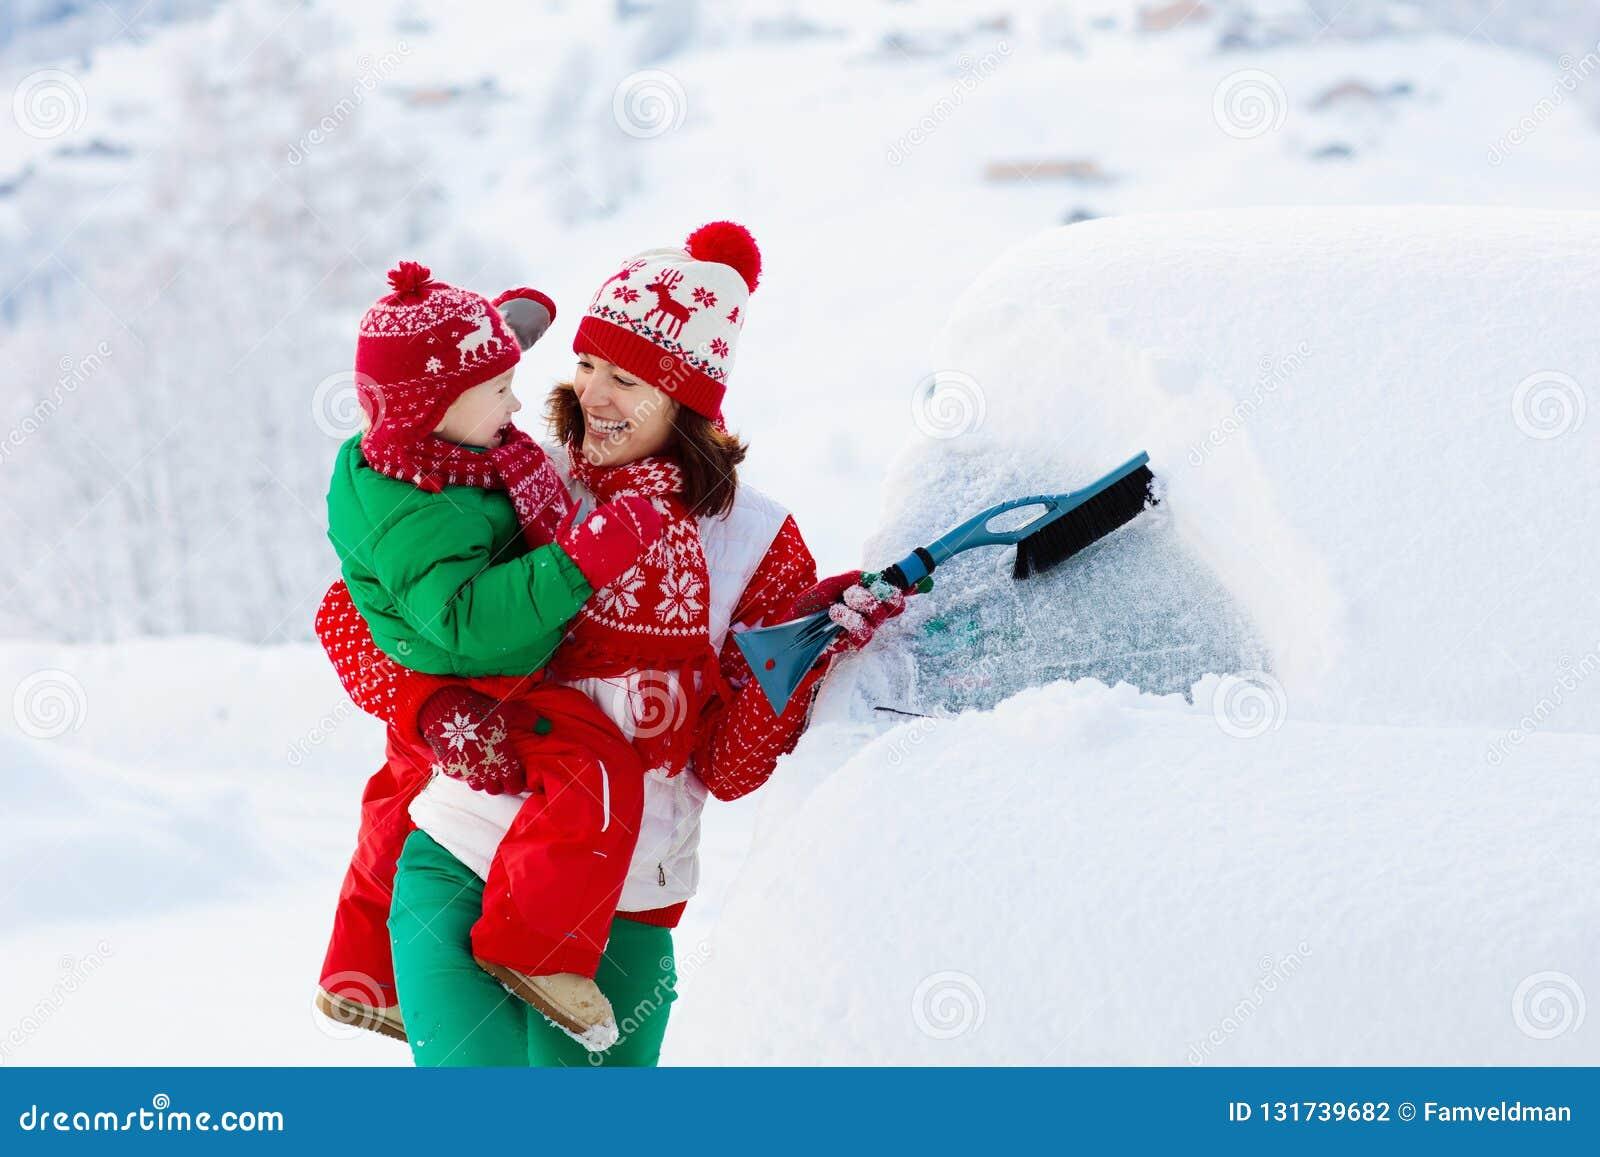 掠过和铲起雪的母亲和孩子汽车在风暴以后 父母和孩子与冬天刷子和刮板清洁家用汽车